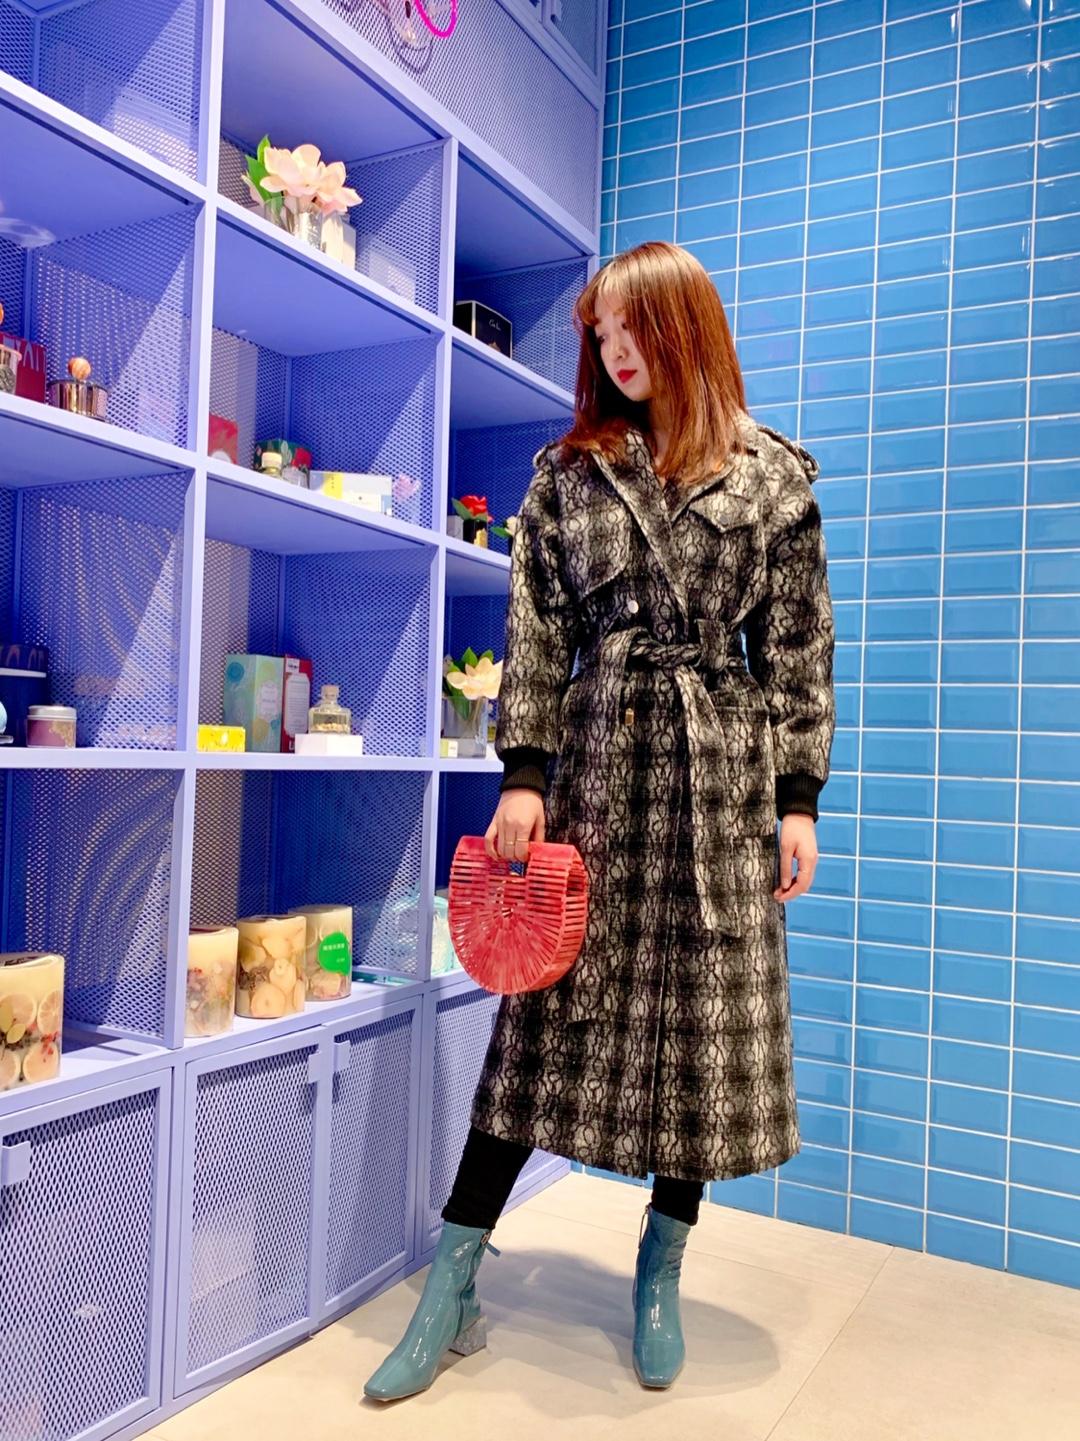 #北京网红地打卡のPLAY LOUNGE三里屯店# PLAY LOUNGE每一次设计都是标新立异、推陈出新,传递着设计师的生活态度。香薰配饰所有有关时髦的一切都可以在这里买到,暗纹长款大衣搭配短靴和亚克力菜篮包休闲又时髦,非常适合逛街哦~💗